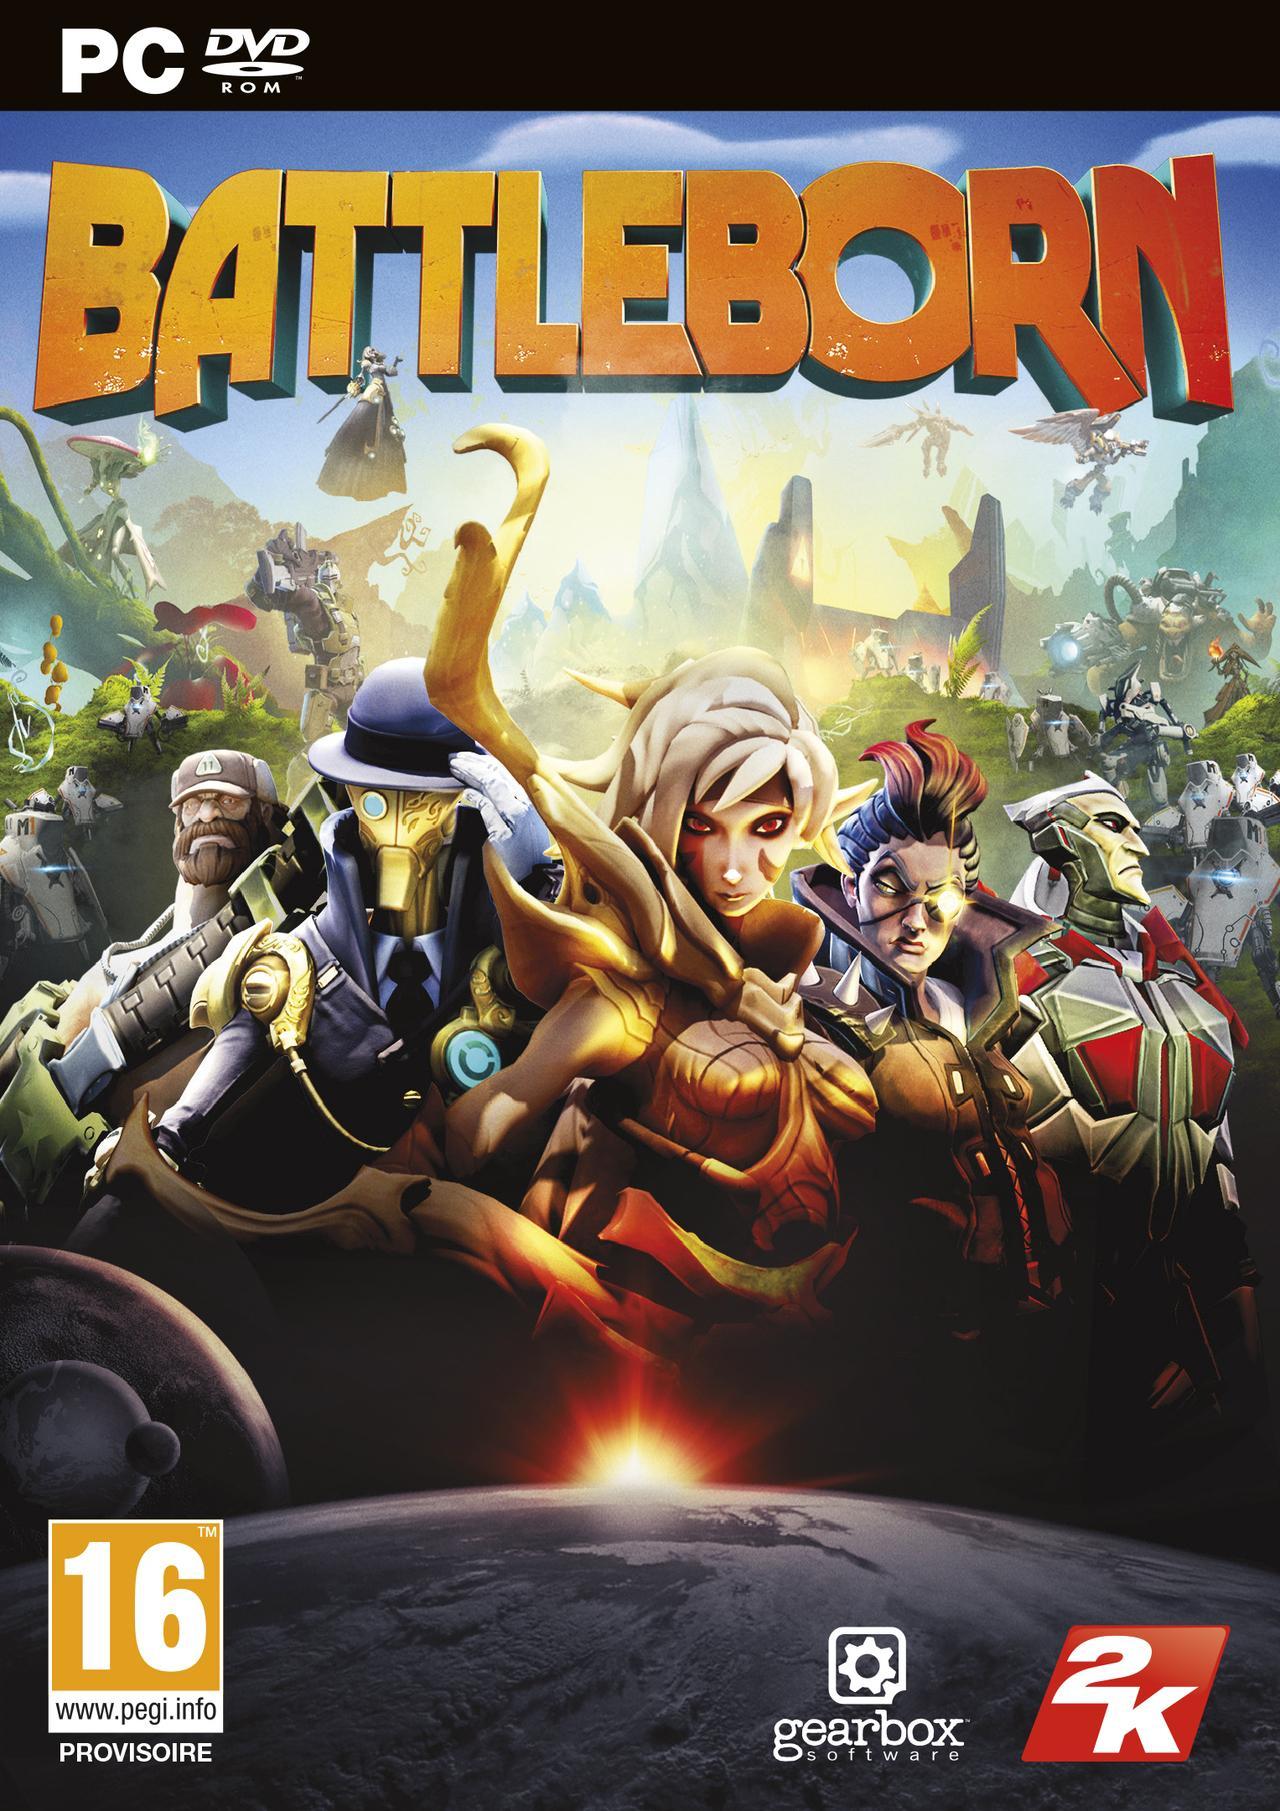 Battleborn sur PC + figurine offerte